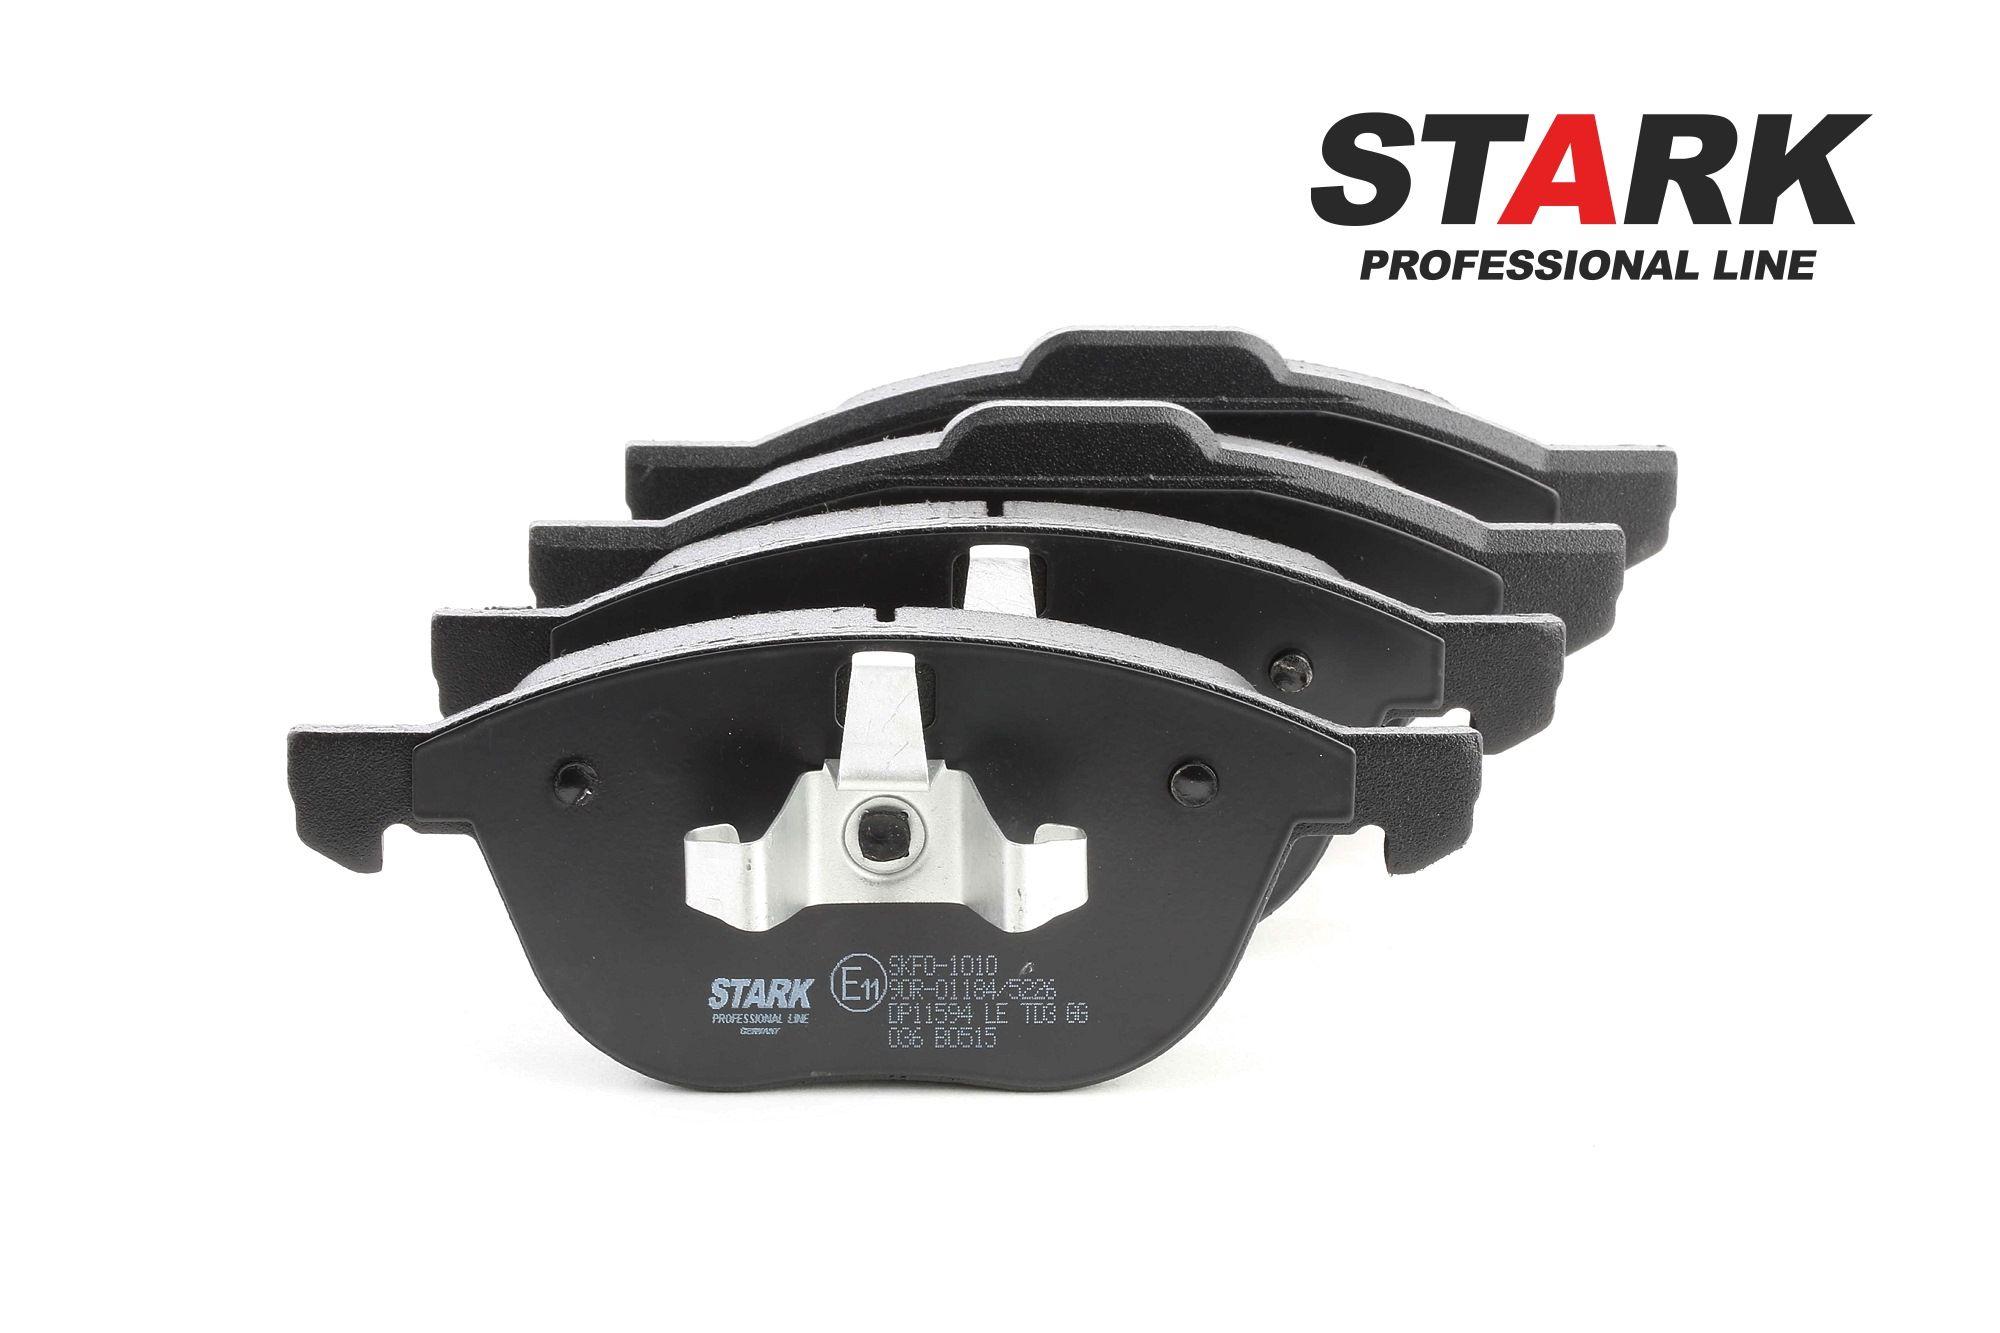 Bremsbelagsatz STARK SKFO-1010 Bewertung